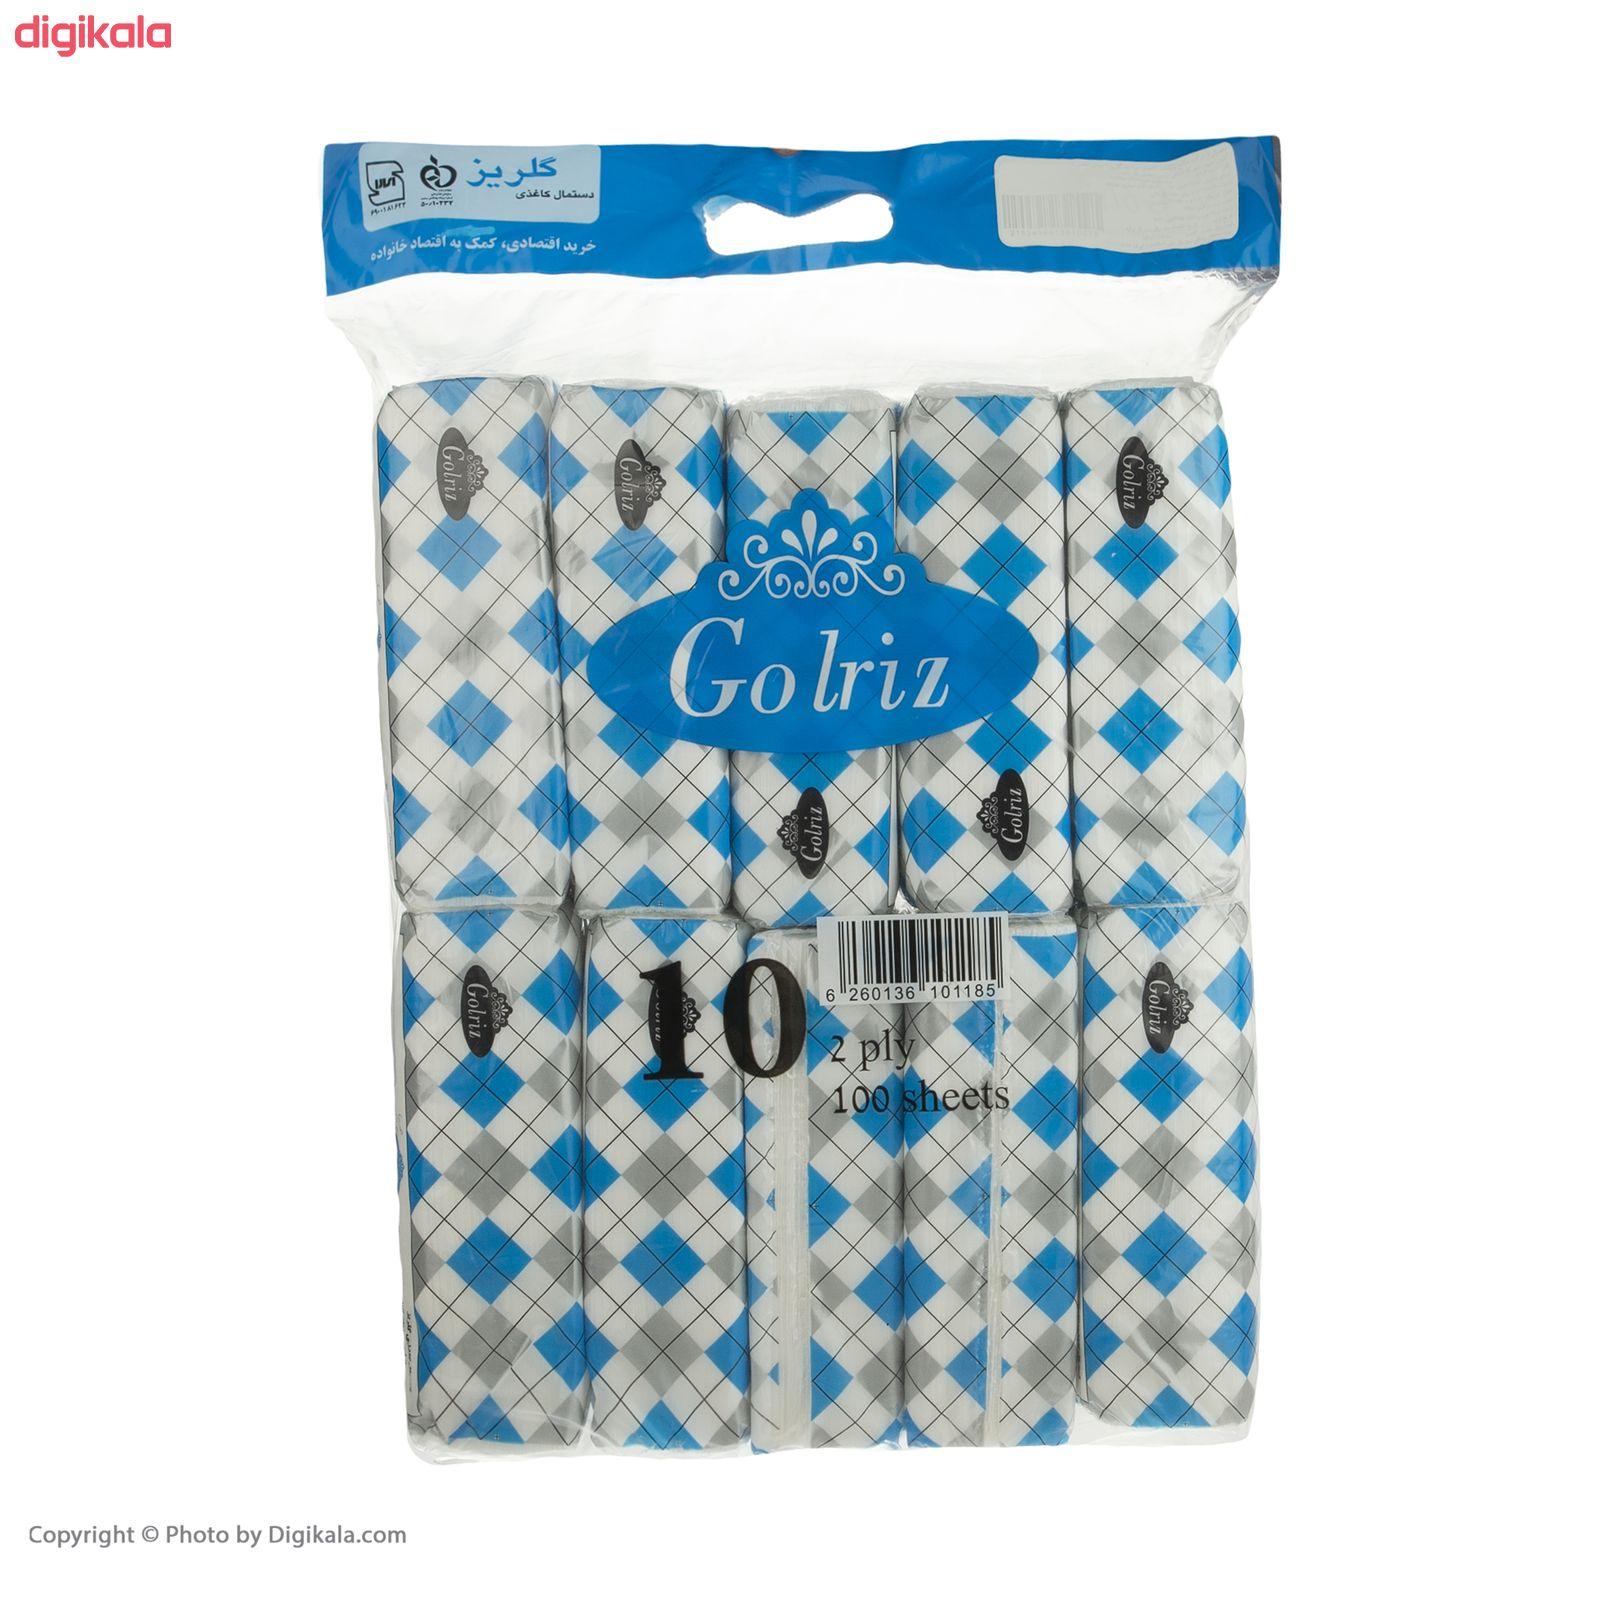 دستمال کاغذی 100 برگ گلریز مدل دياموند بسته 10 عددي  main 1 9